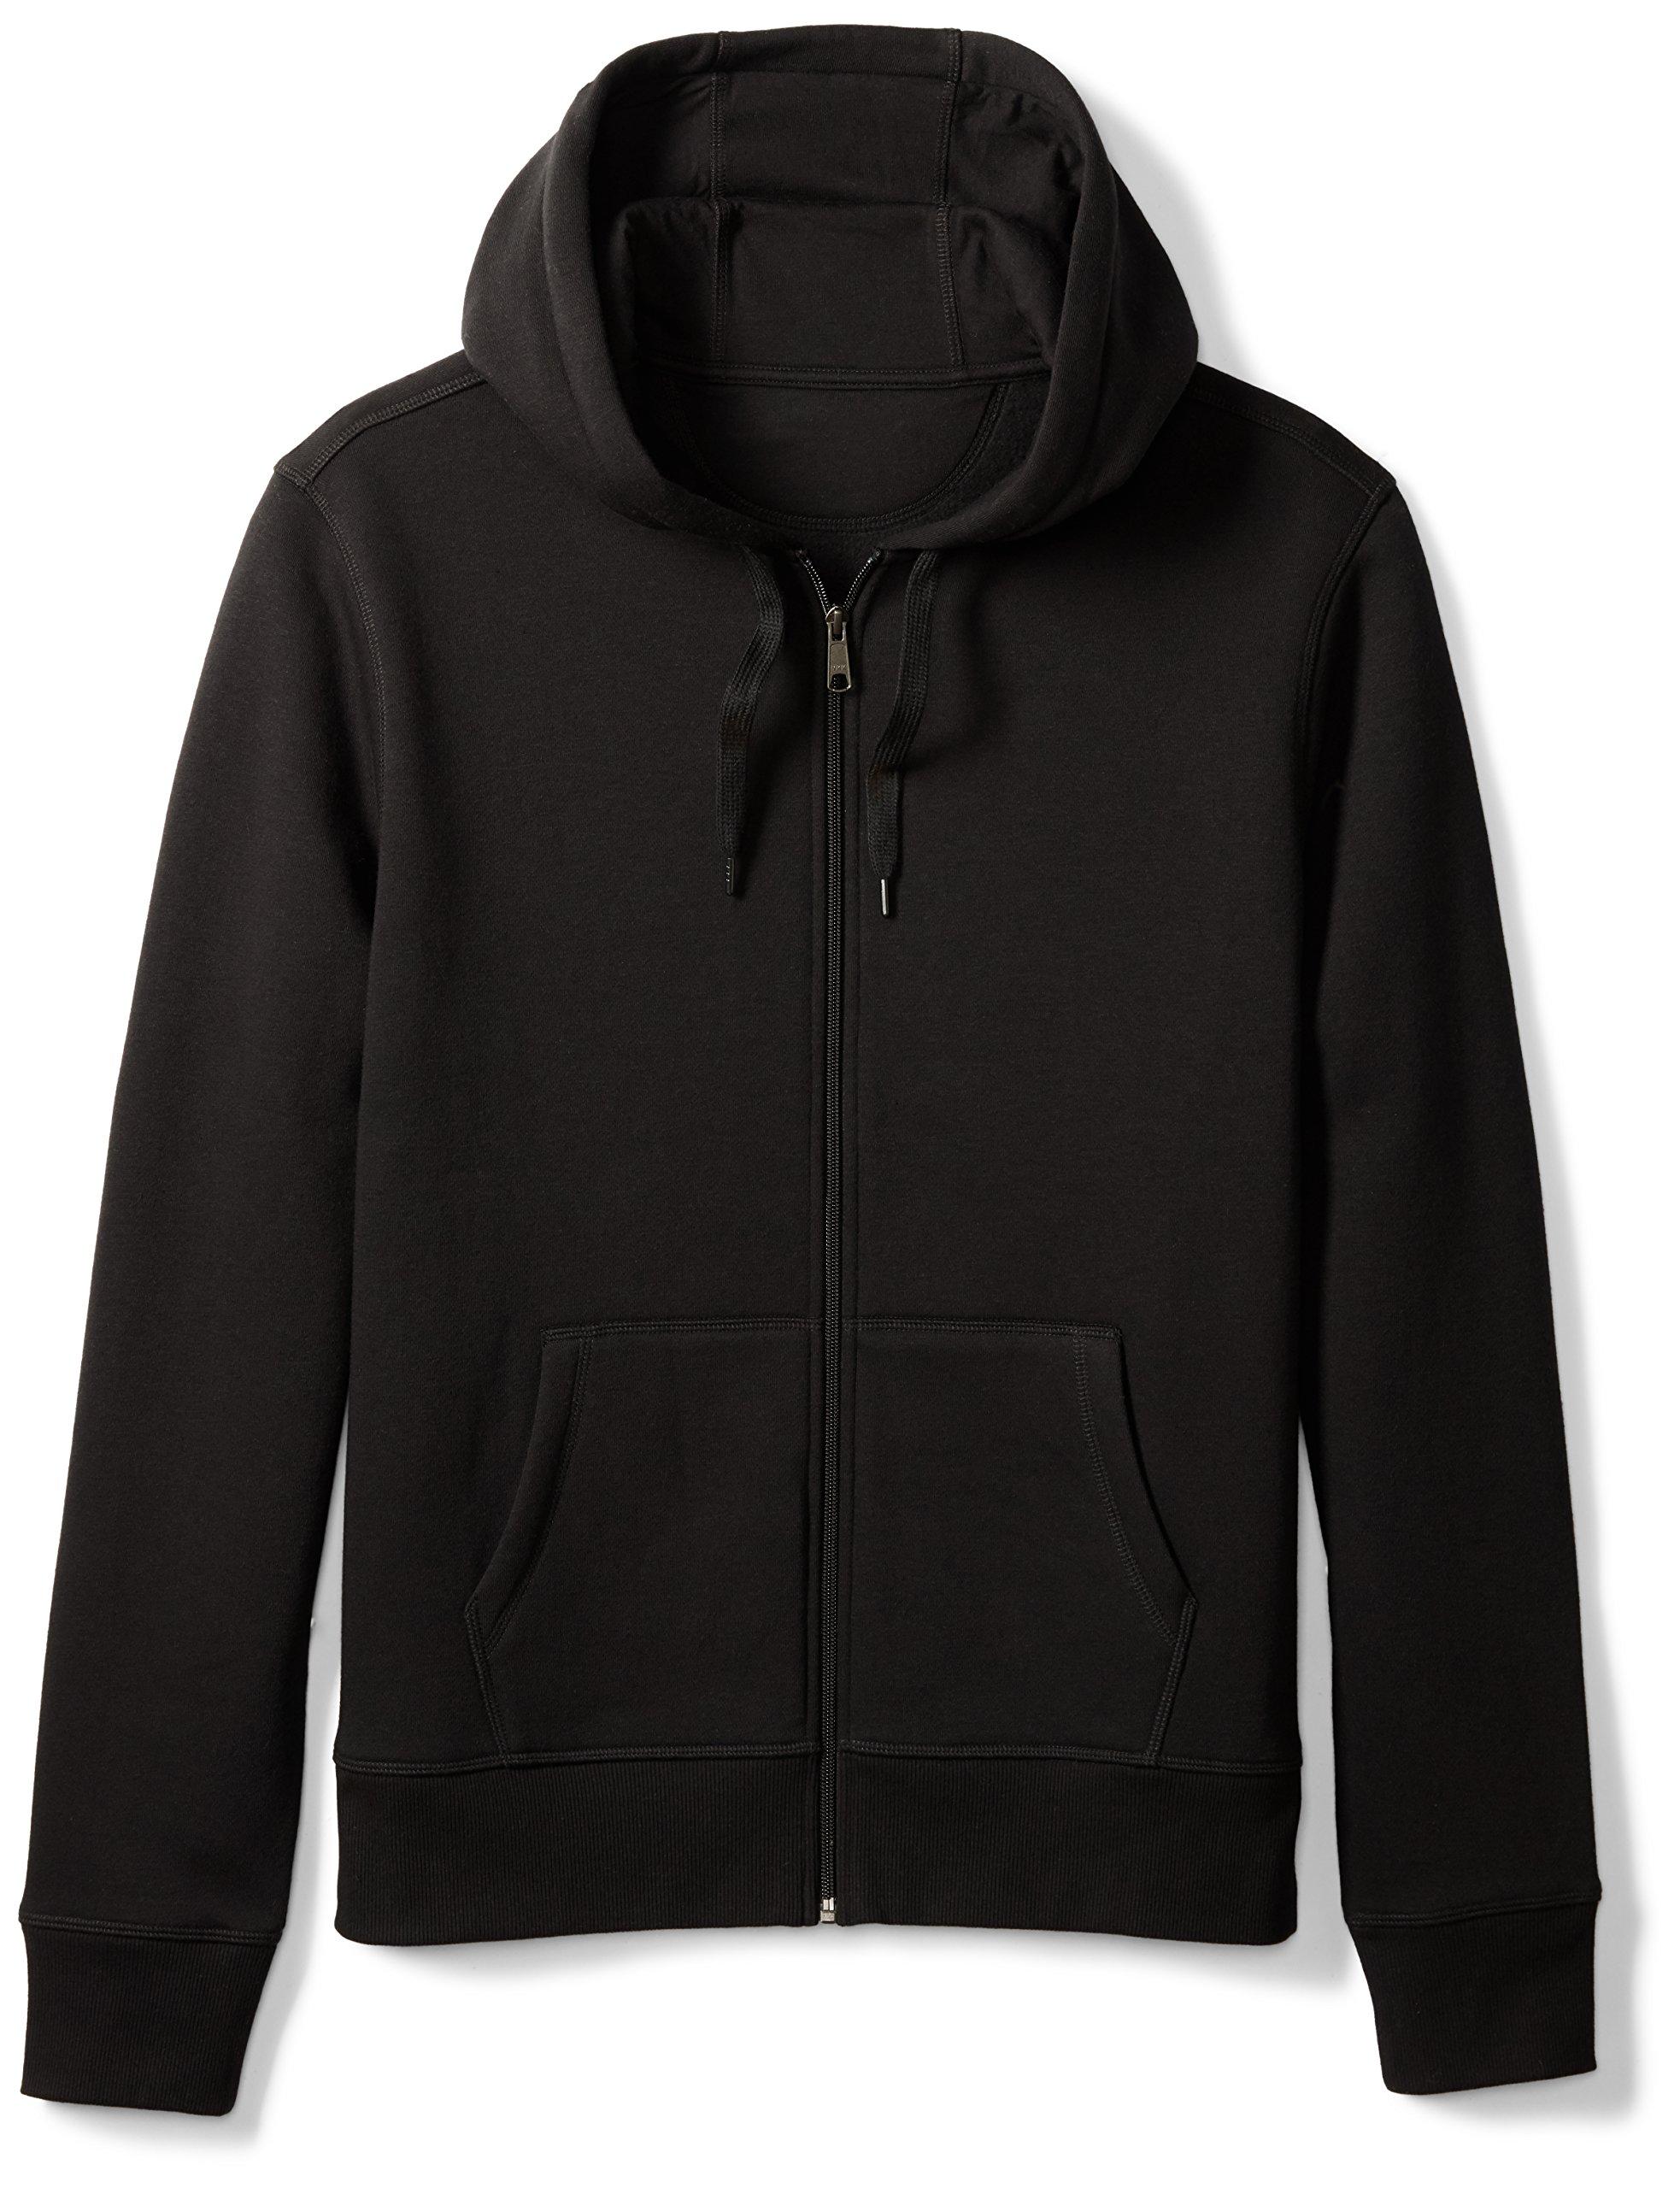 Amazon Essentials Men's Full-Zip Hooded Fleece Sweatshirt, Black, Large by Amazon Essentials